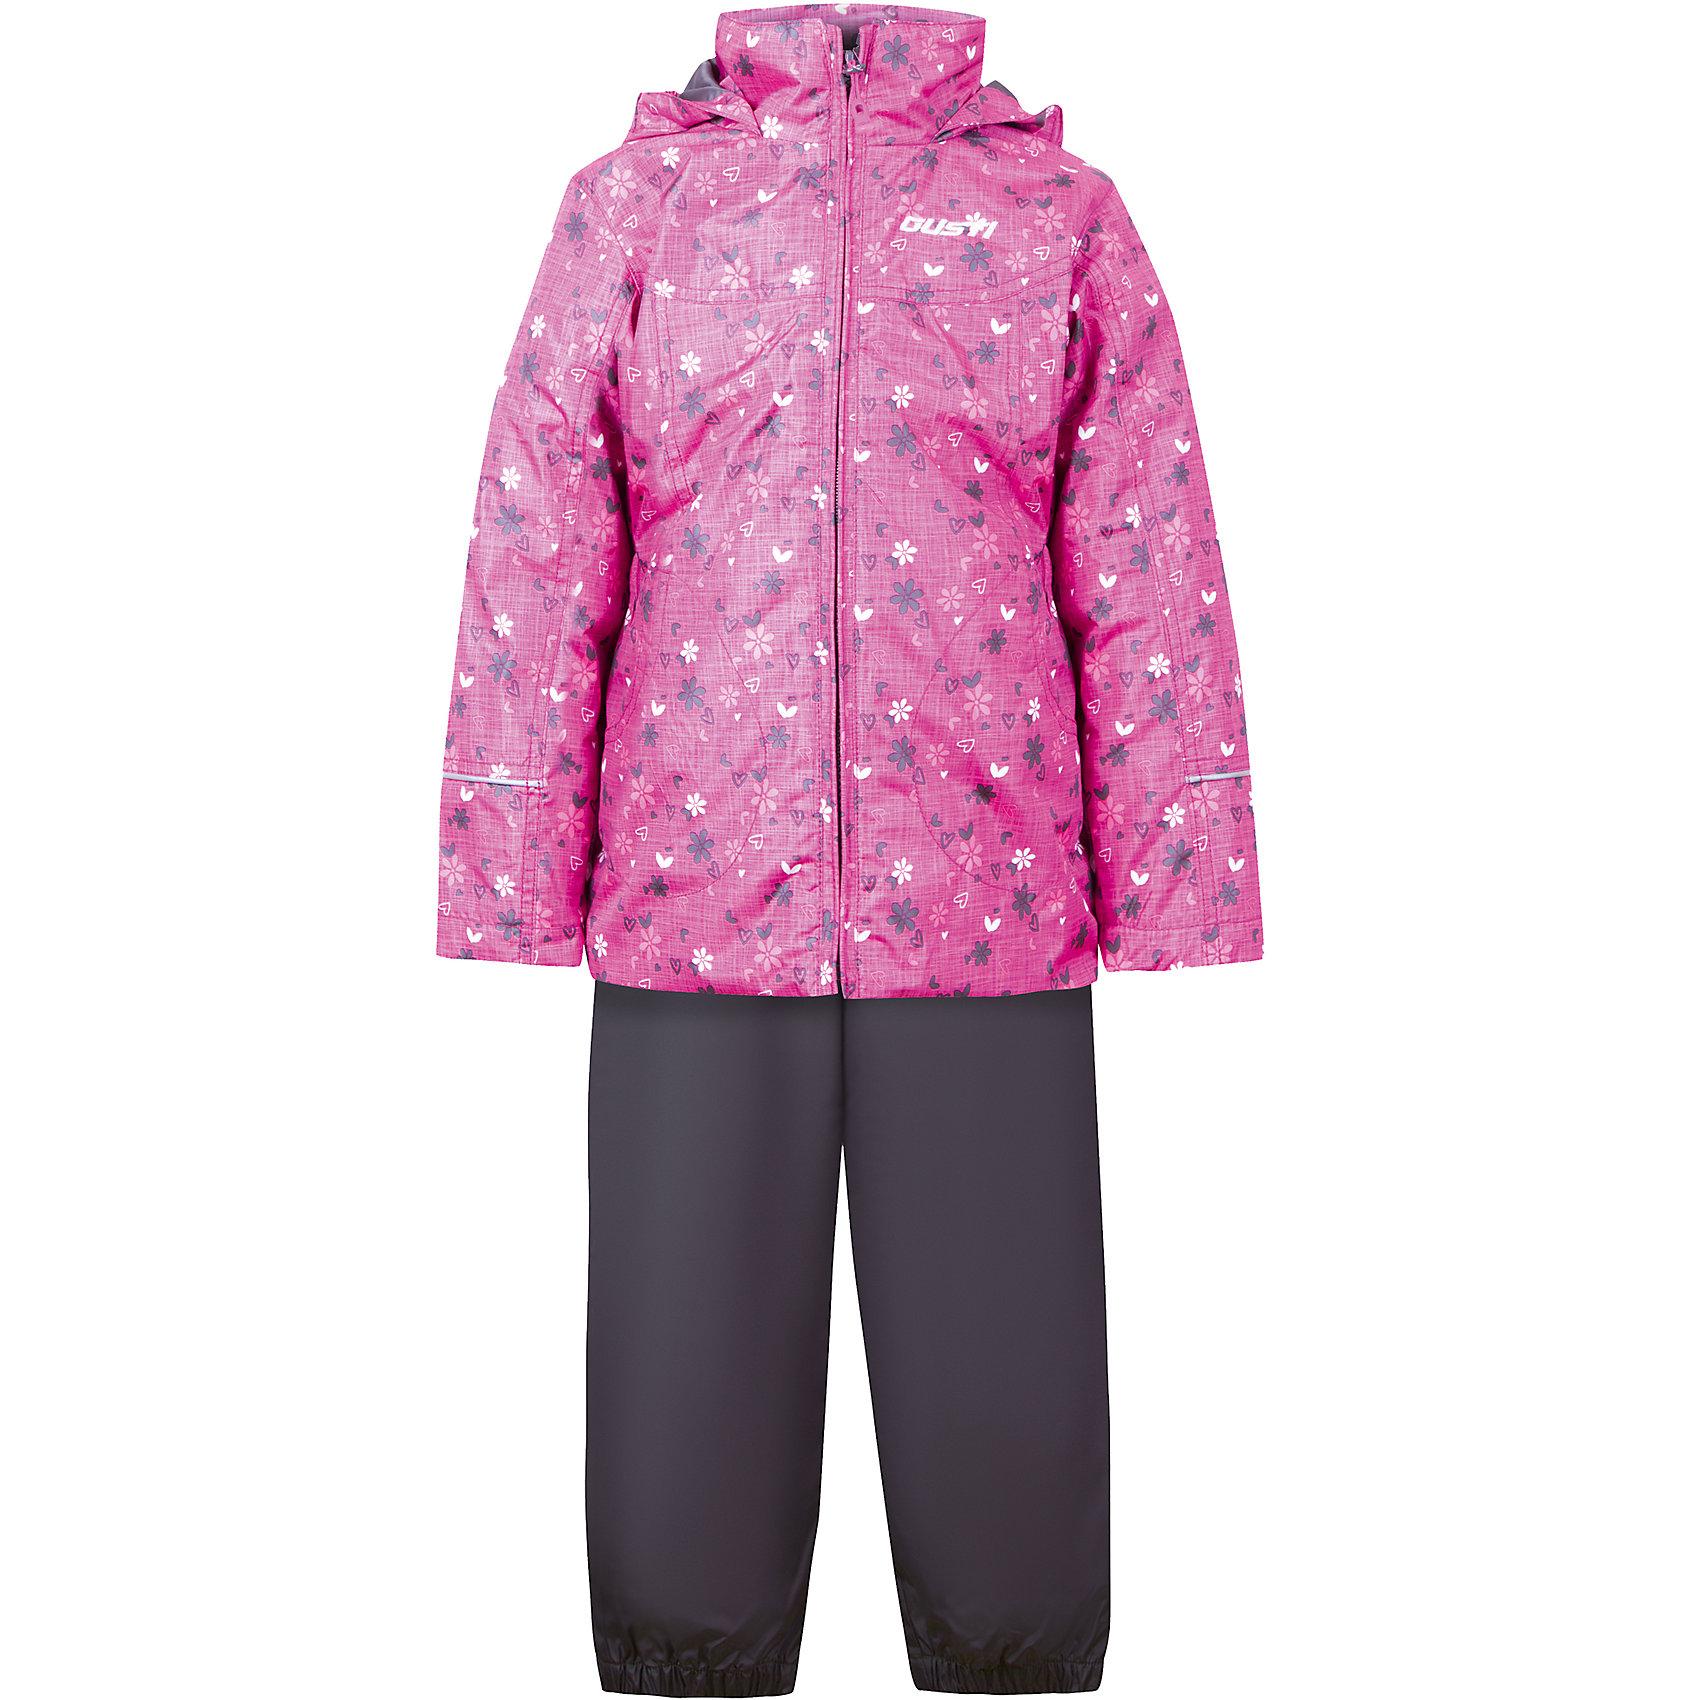 Комплект: куртка, толстовка и брюки для девочки GustiКомплект: куртка, толстовка и брюки для девочки от известного бренда Gusti.<br>Ткань верха куртки– Таслан ( Taslan )- мембрана с коэффициентом водонепроницаемости 2000 мм и коэффициентом паропроницаемости 2000 г/м2, одежда ветронепродуваемая. Благодаря тонкому полиуретановому напылению изнутри не промокает даже при сильной влаге, но при этом дышит (защита от влаги не препятствует циркуляции воздуха). Плотность ткани Т190 обеспечивает высокую износостойкость. Толстовка – высокотехнологичный флис COOLQUICK. Специальное кручение нитей позволяет ткани максимально впитывать влагу и увеличивать испаряемость с поверхности, т.е. выпустить пар, но не пропускает влагу снаружи, что обеспечивает комфорт даже при высоких физических нагрузках. Этот материал ранее был разработан специально для спортсменов, которые испытывали сильные нагрузки во время активного движения, а теперь принес комфорт и тепло в нашу повседневную жизнь.  Это особенно важно для детей, когда они гуляют на свежем воздухе , чтобы тело всегда оставалось сухим и теплым. Брюки - ткань верха: Таслан ( Taslan )- мембрана с коэффициентом водонепроницаемости 2000 мм и коэффициентом паропроницаемости 2000 г/м2, одежда ветронепродуваемая. Благодаря тонкому полиуретановому напылению изнутри не промокает даже при сильной влаге, но при этом дышит (защита от влаги не препятствует циркуляции воздуха). Плотность ткани Т190 обеспечивает высокую износостойкость. Подкладка 100%  х/б.<br>Состав:<br>Куртка: 100% полиэстер.  Толстовка: 100% полиэстер.  Брюки: верх 100% полиэстер, подкладка 100% х/б.<br><br>Ширина мм: 356<br>Глубина мм: 10<br>Высота мм: 245<br>Вес г: 519<br>Цвет: фиолетовый<br>Возраст от месяцев: 18<br>Возраст до месяцев: 24<br>Пол: Женский<br>Возраст: Детский<br>Размер: 92,152,140,98,100,104,110,116,120,122,128<br>SKU: 5452476